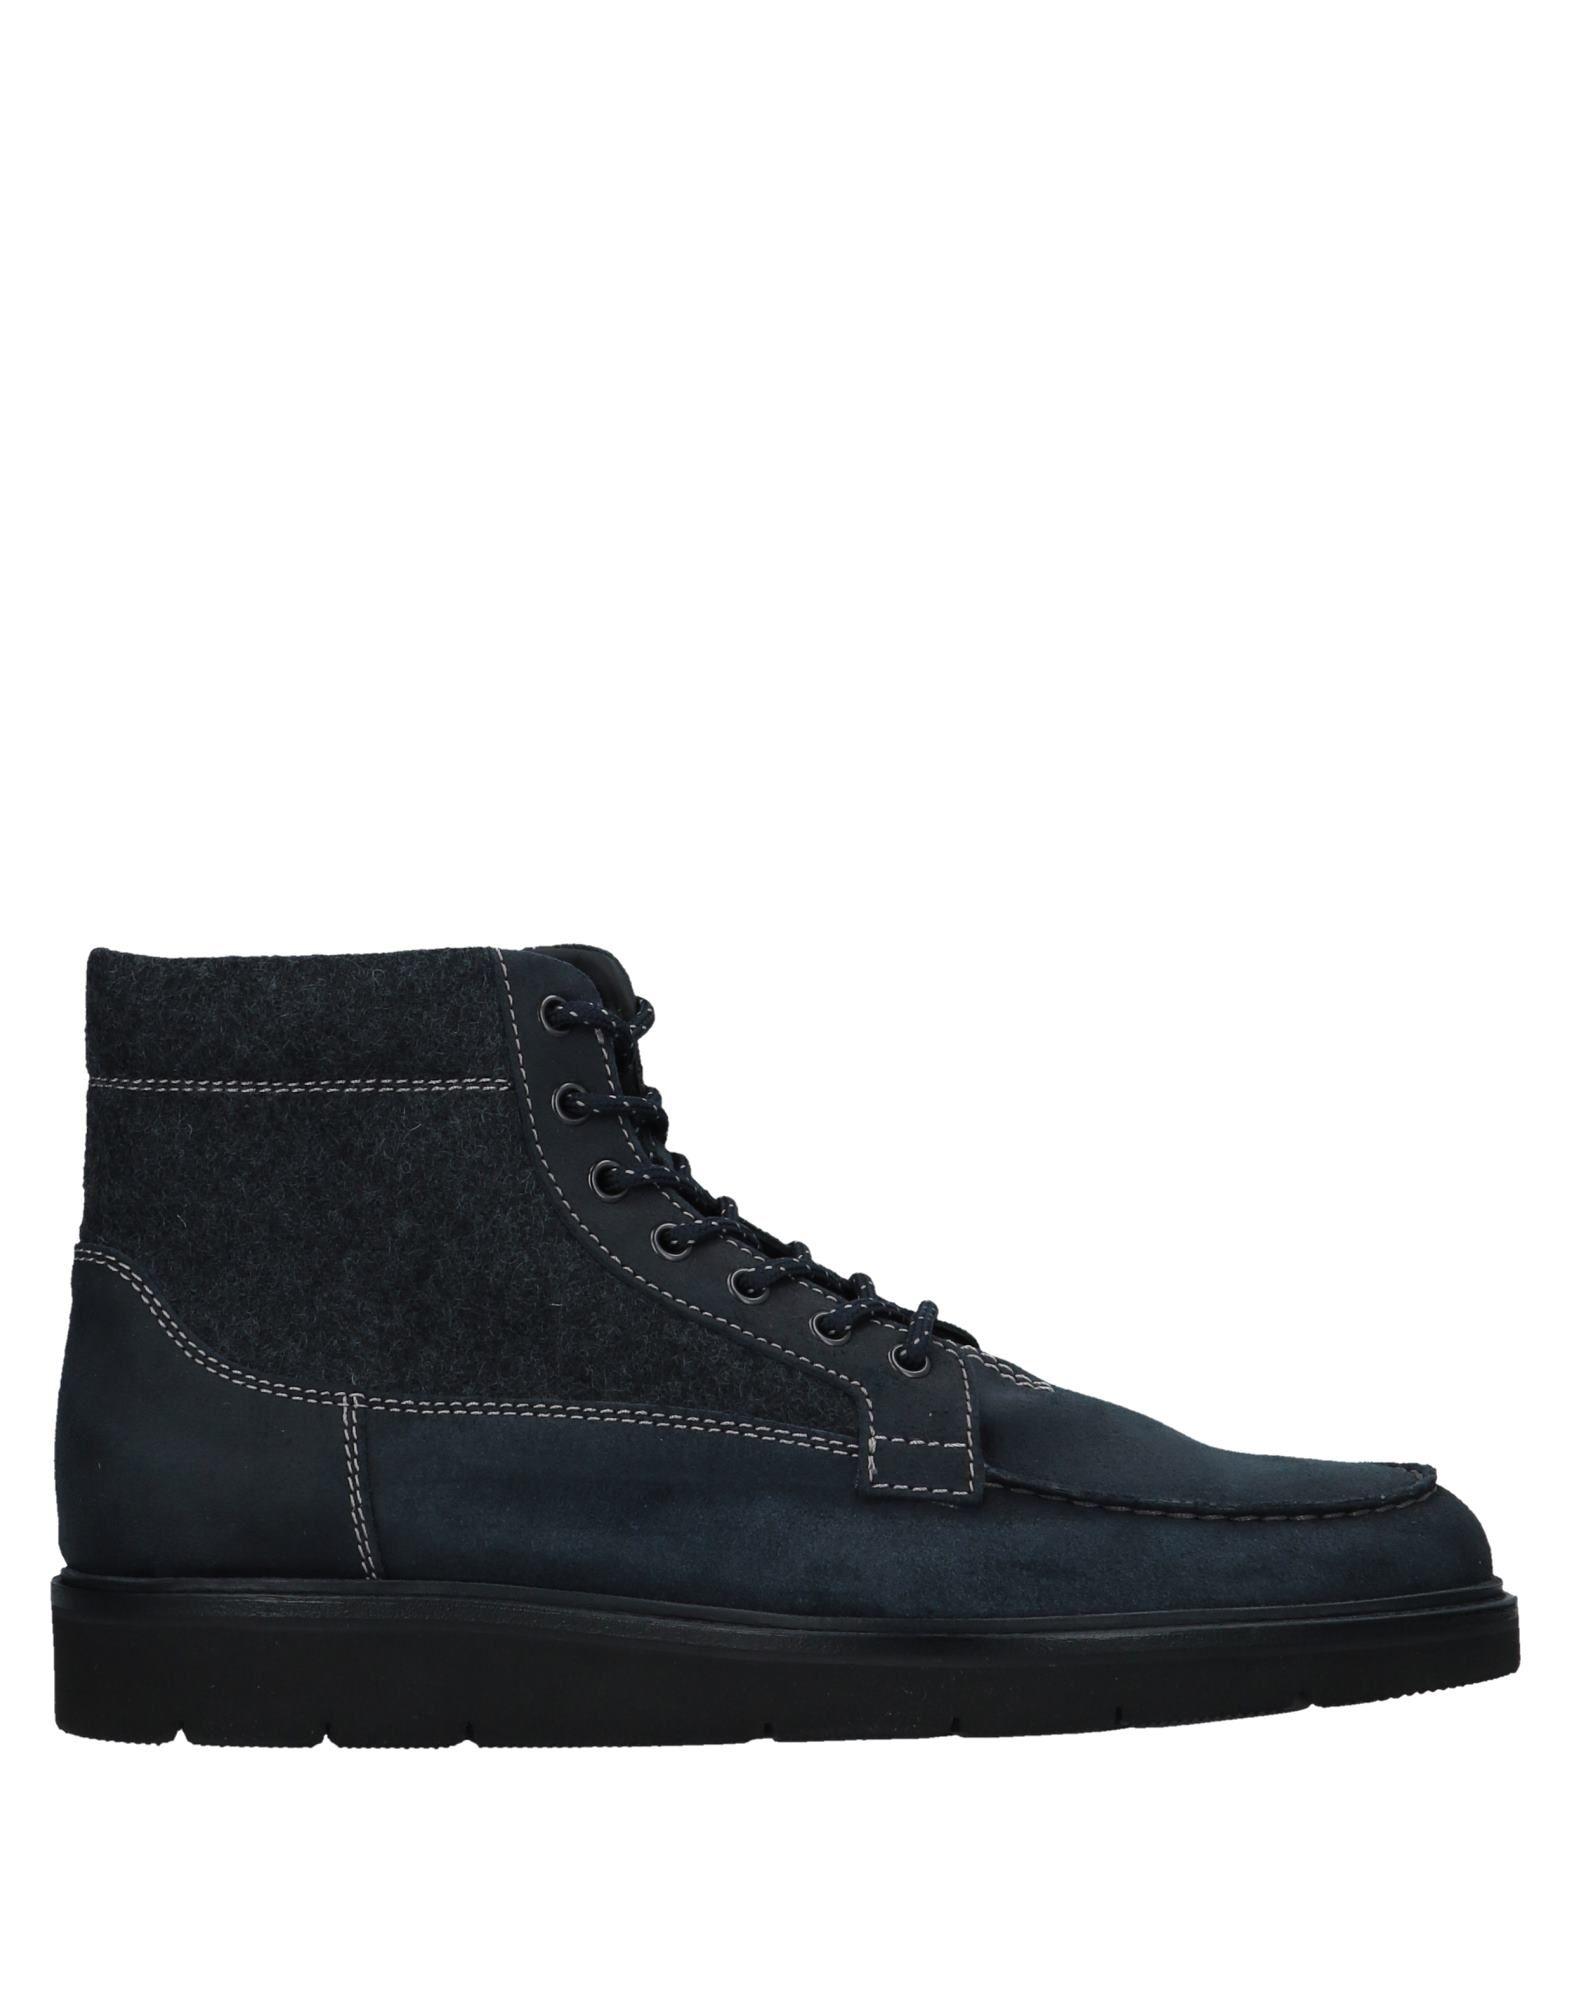 Hogan Stiefelette Herren  11535978RH Gute Qualität beliebte Schuhe